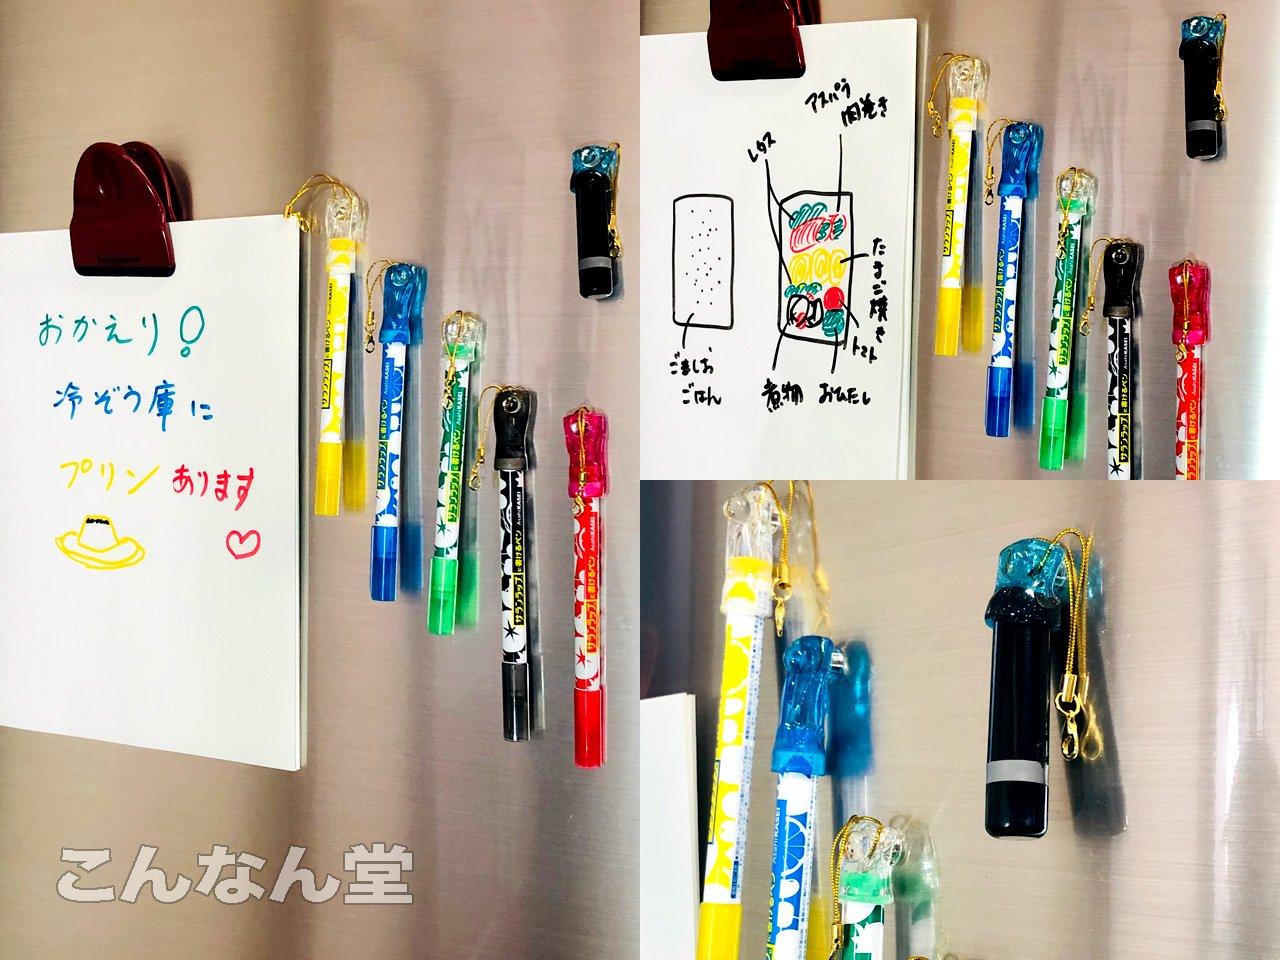 『カブラー』にはマグネットが付いているから、ペンなどを冷蔵庫に貼り付けられます。